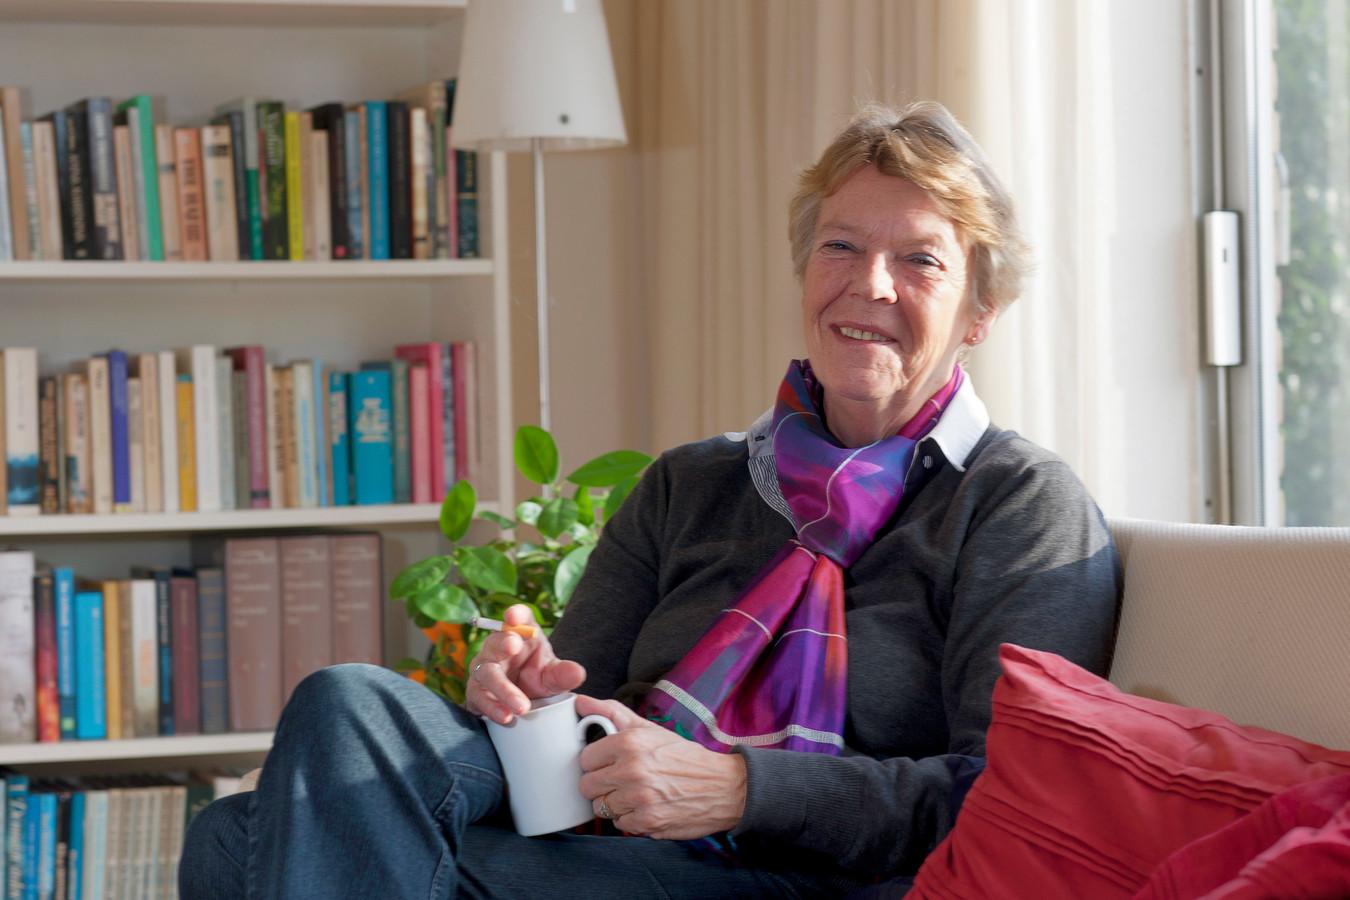 Marianne Burgman, ex-burgemeester van De Ronde Venen, blikt terug op een bewogen jaar. Wilnis, 20 december 2011. Beeld: Marlies Wessels